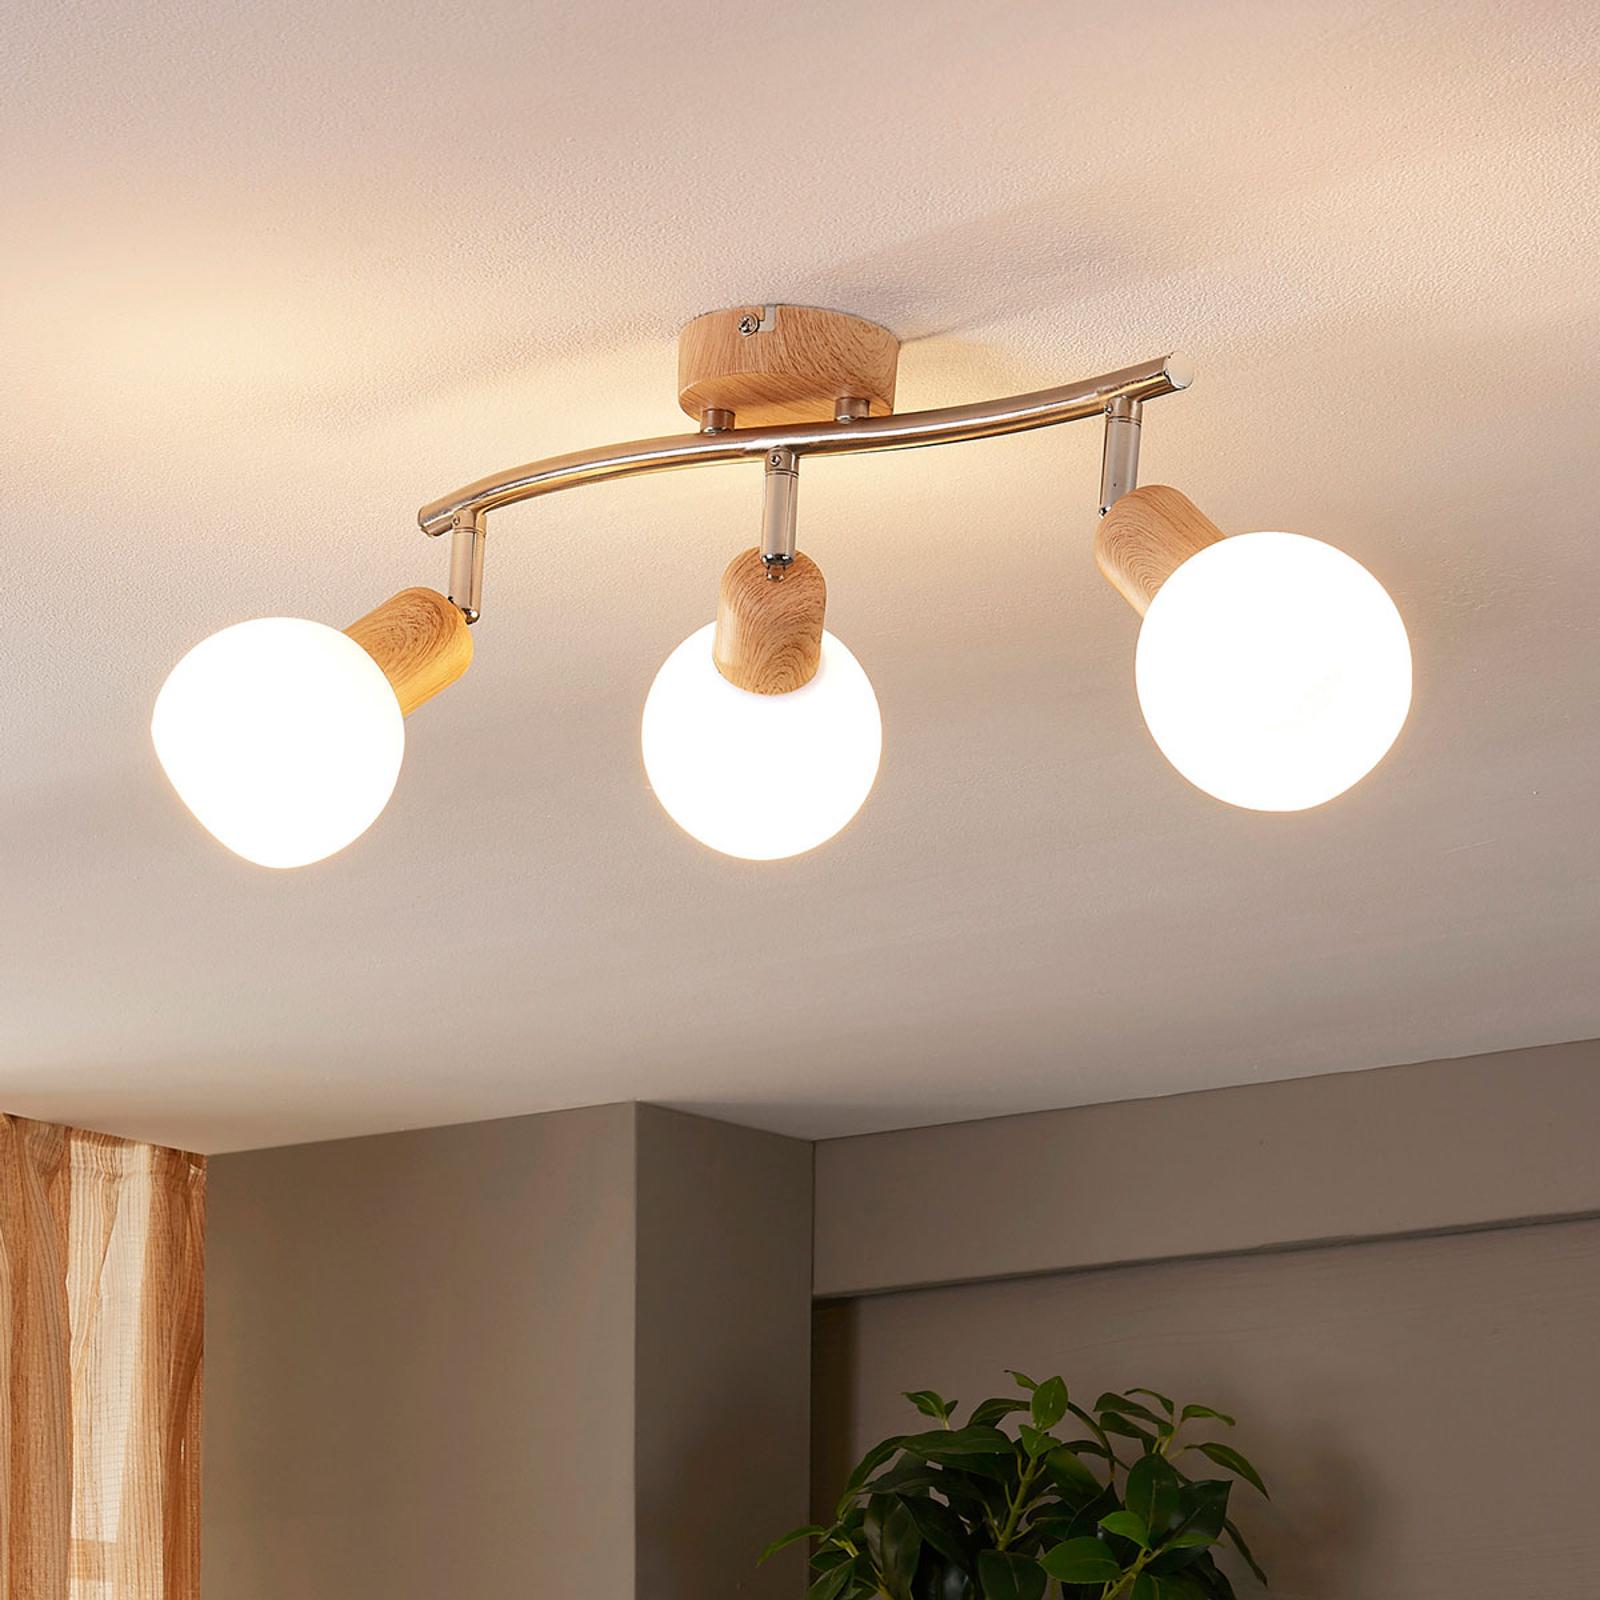 Estetica plafoniera Svenka con LED attacco E14